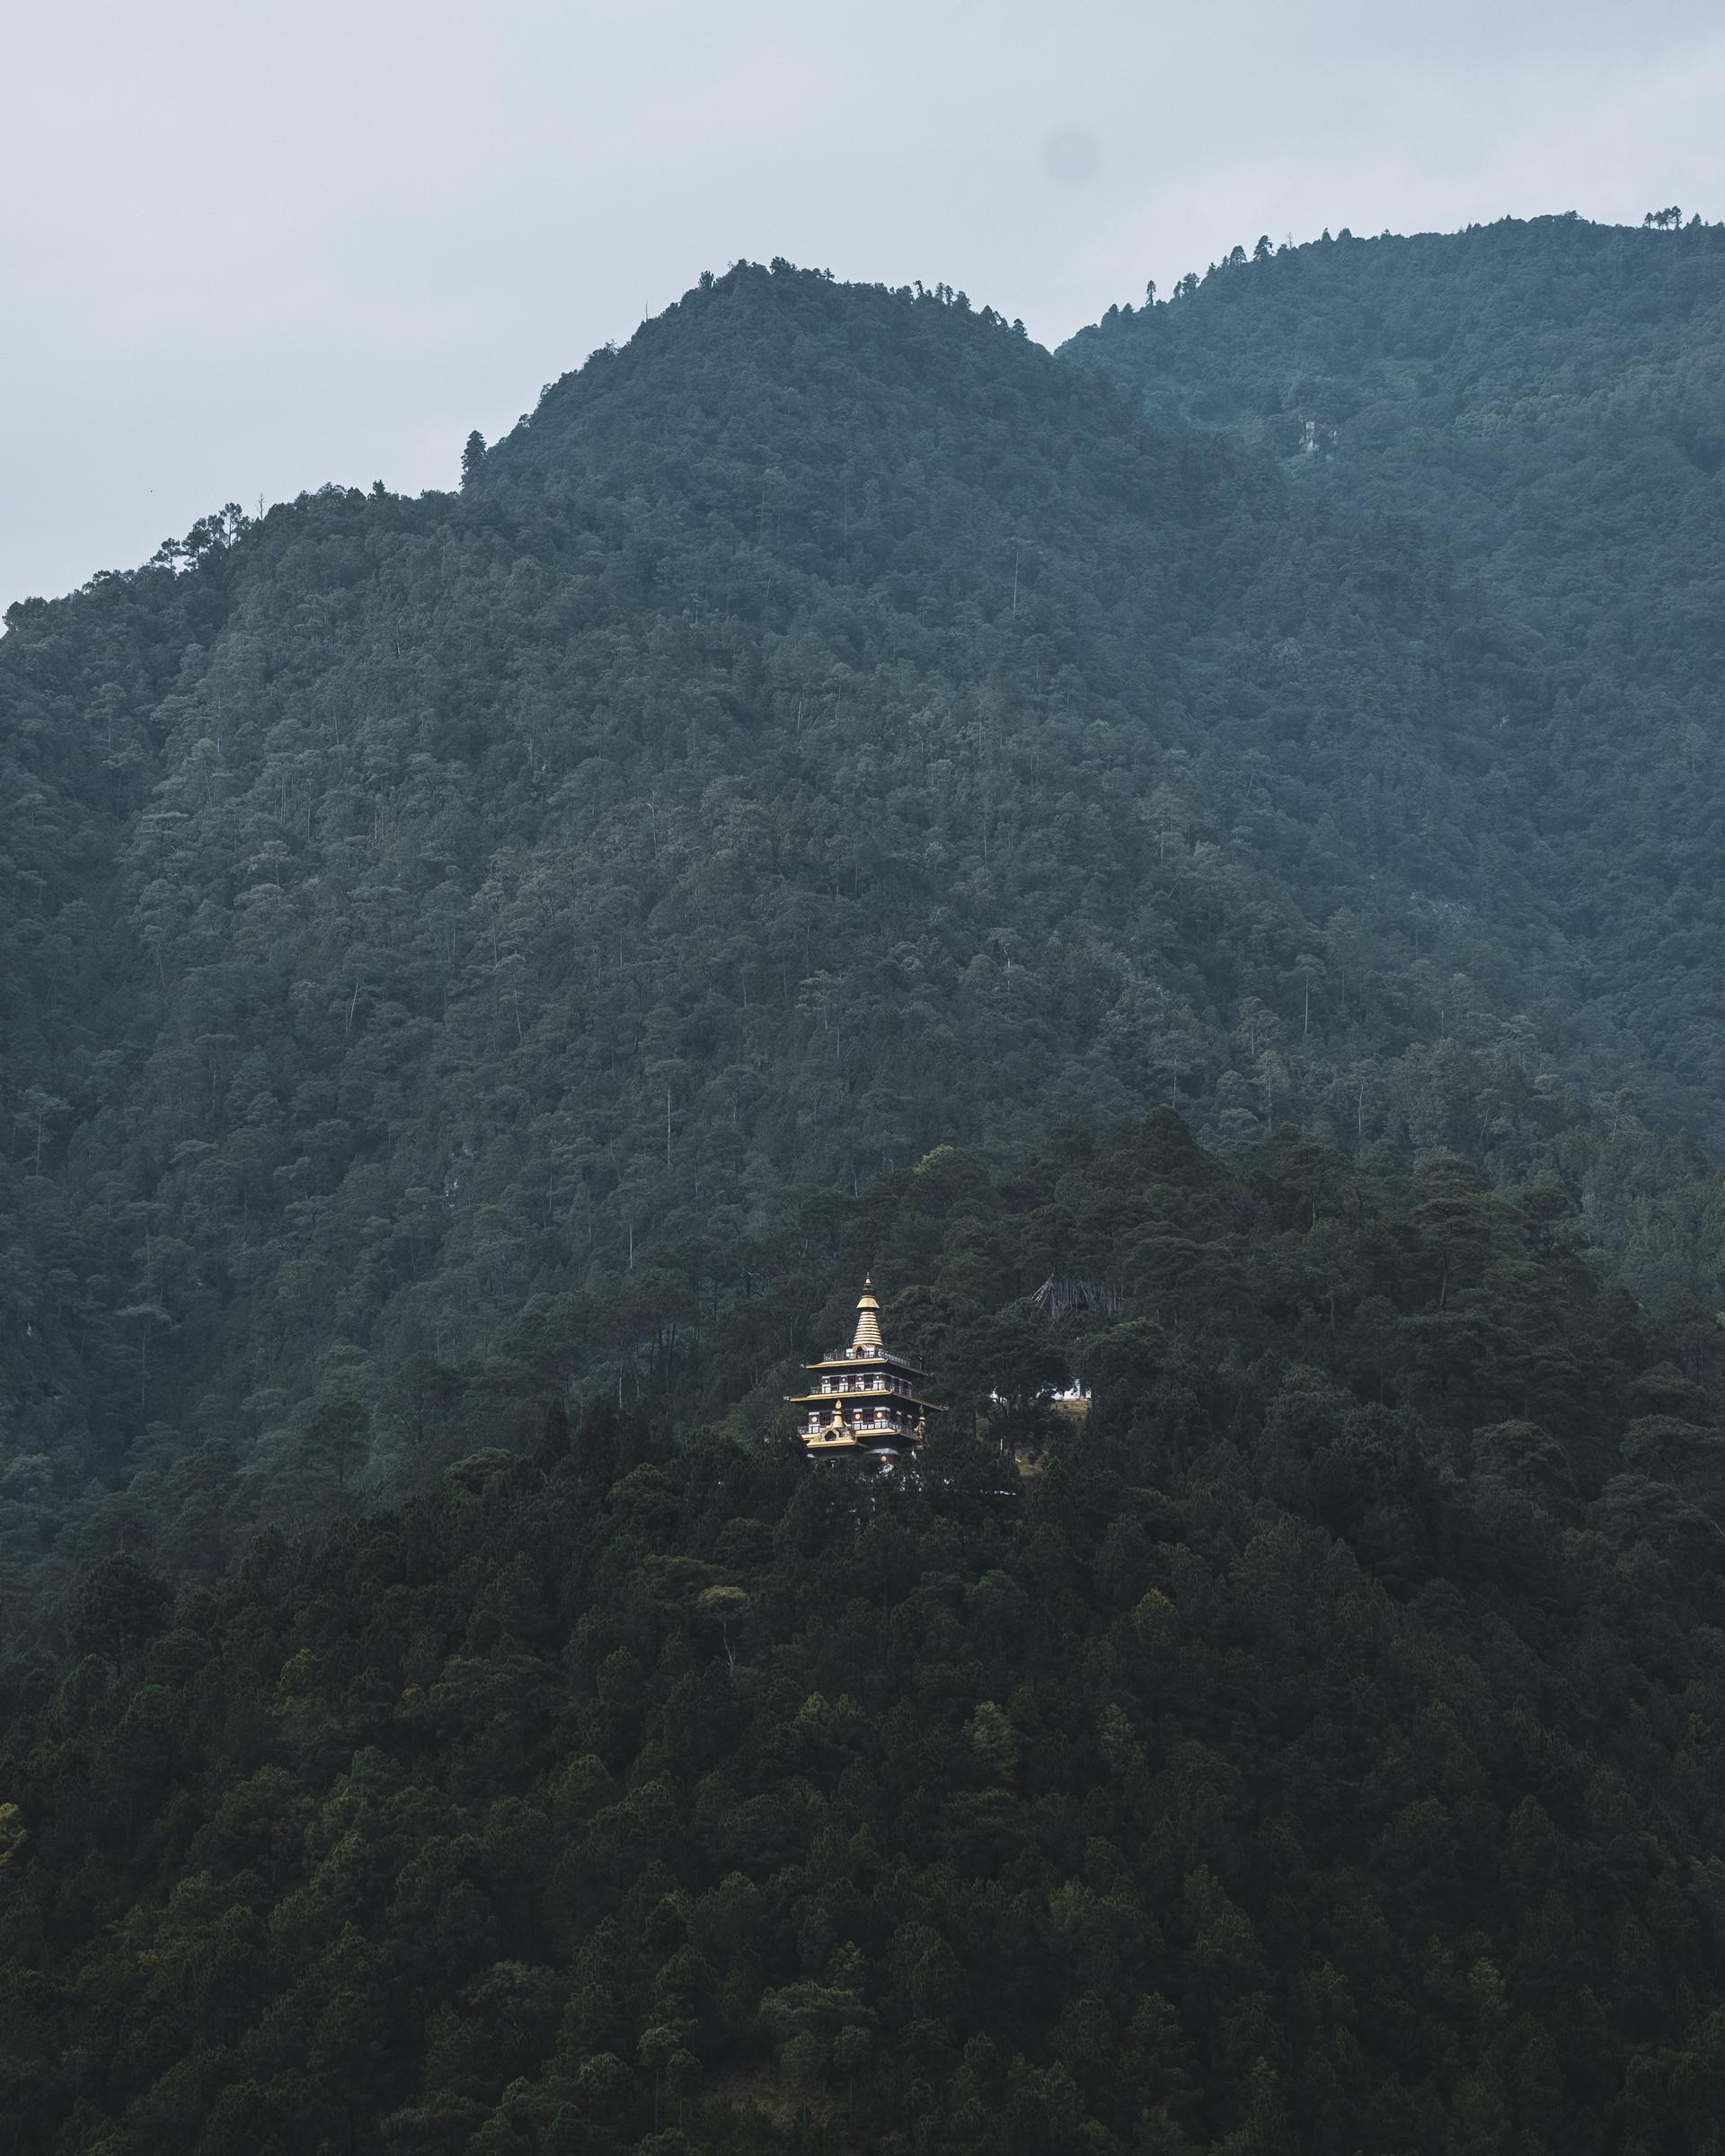 bhutan-163543.jpg